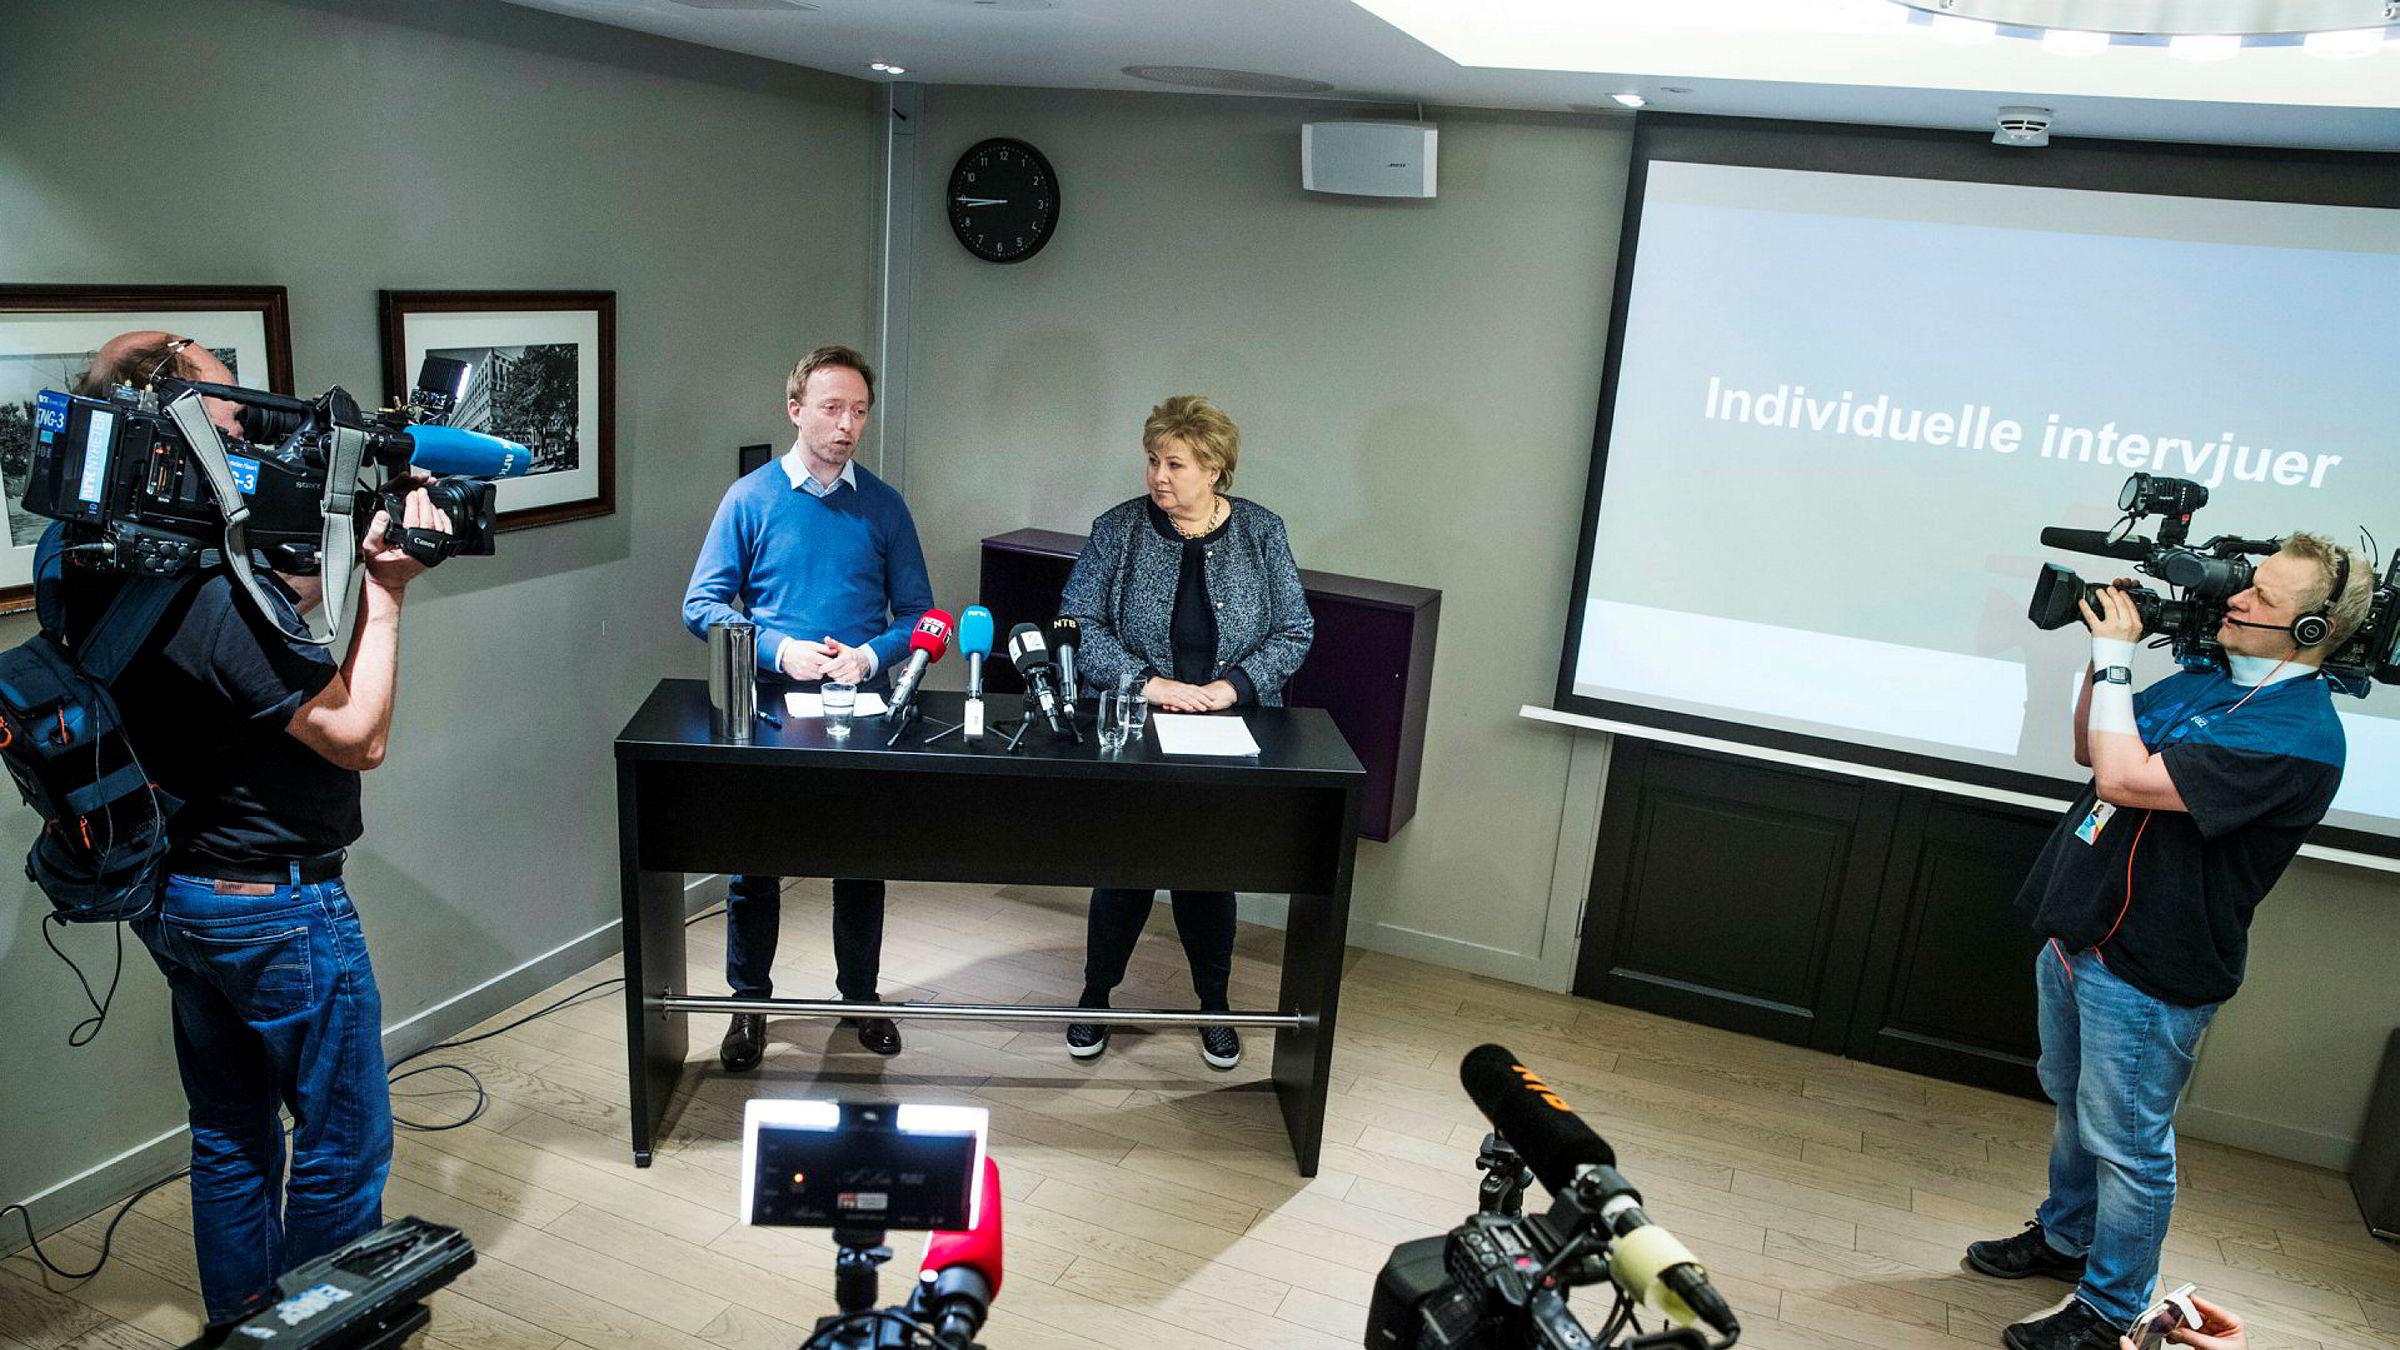 Høyre-leder Erna Solberg og John-Ragnar Aarset, generalsekretær i Høyre under en pressekonferanse om utviklingen i varslersaken i partiet. Hverken Riise eller andre det er varslet om får rett på innsyn i varslene som omhandler dem selv.